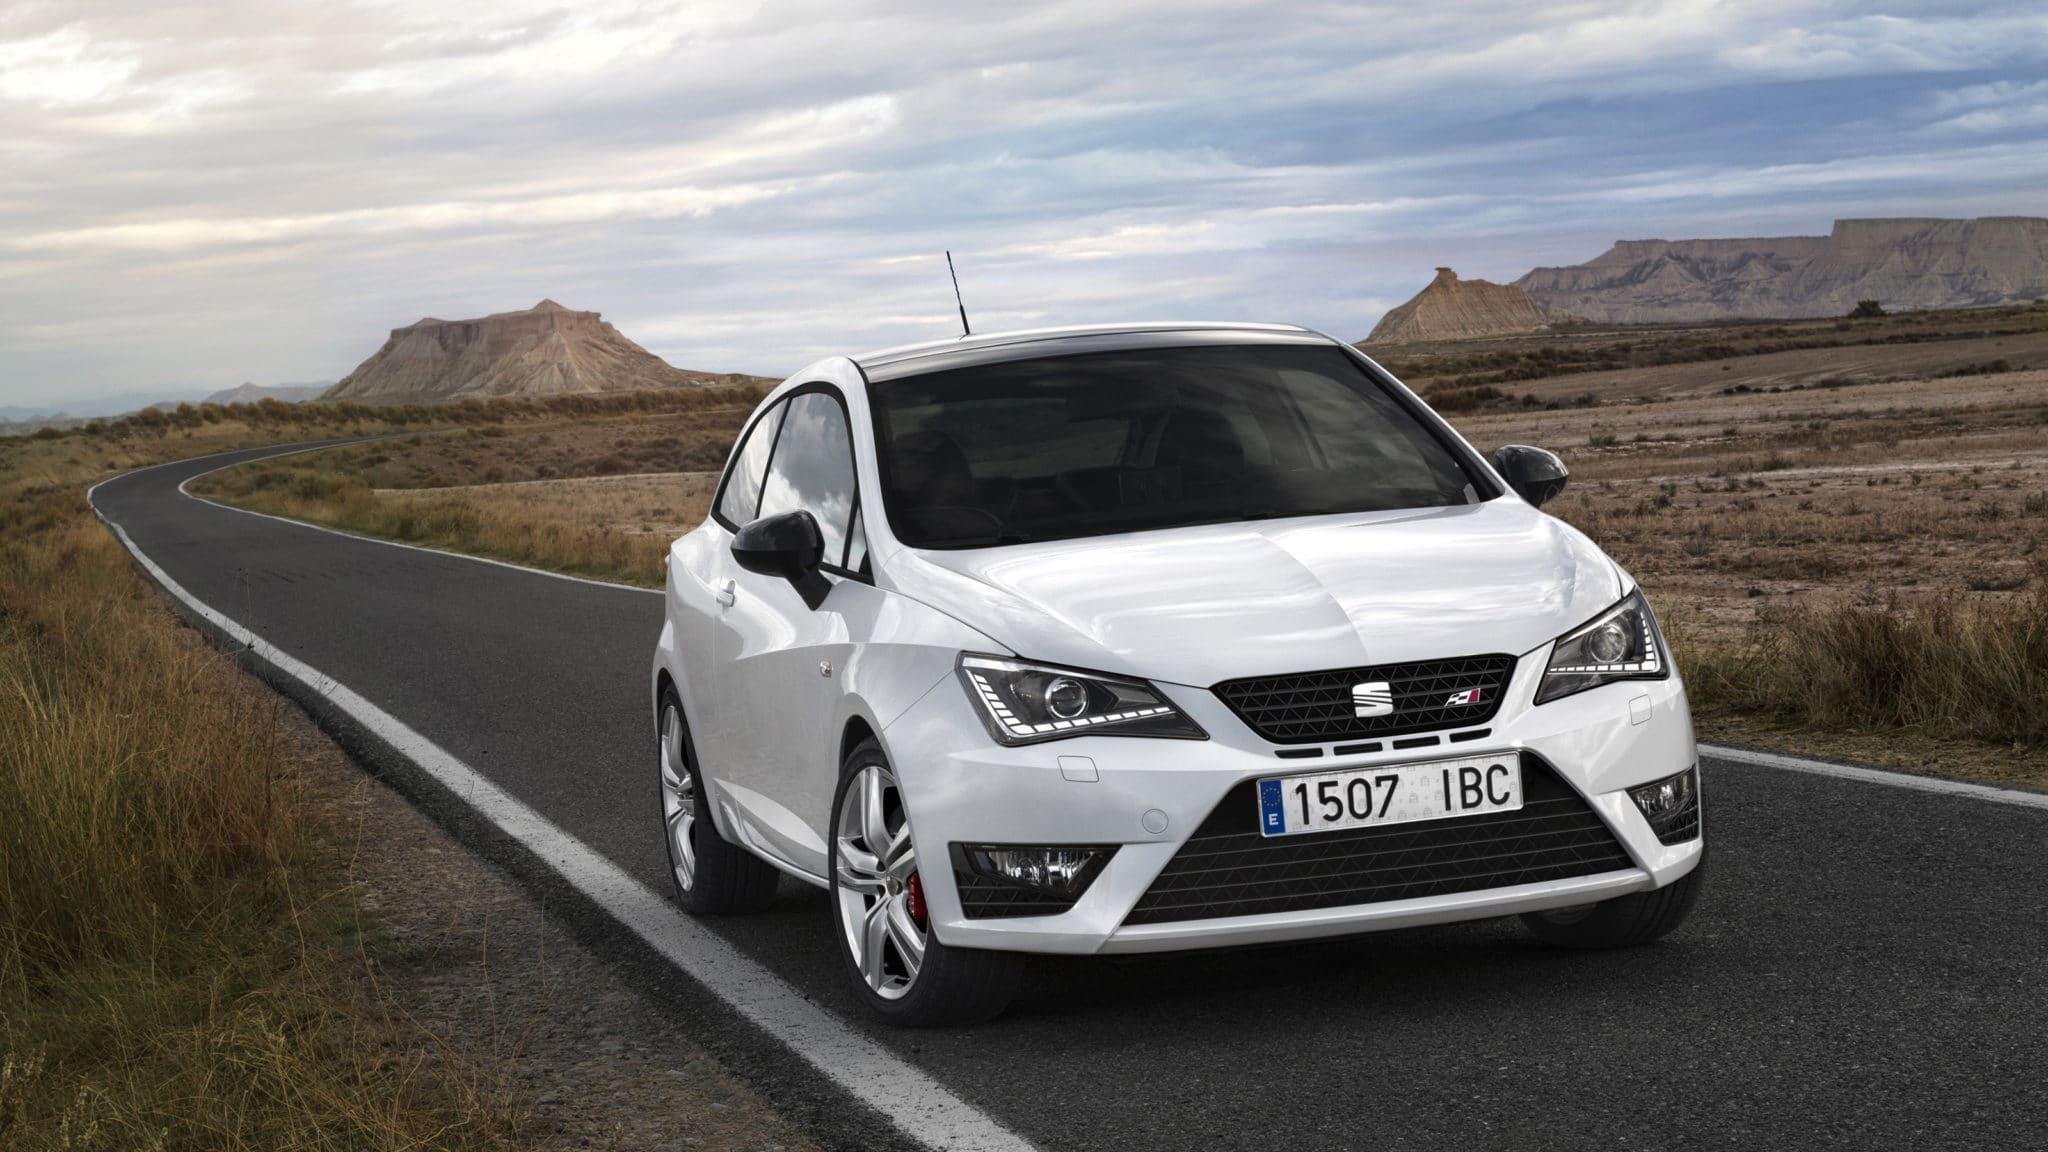 Nuova Ibiza Cupra, tutte le caratteristiche tecniche della nuova Seat 6